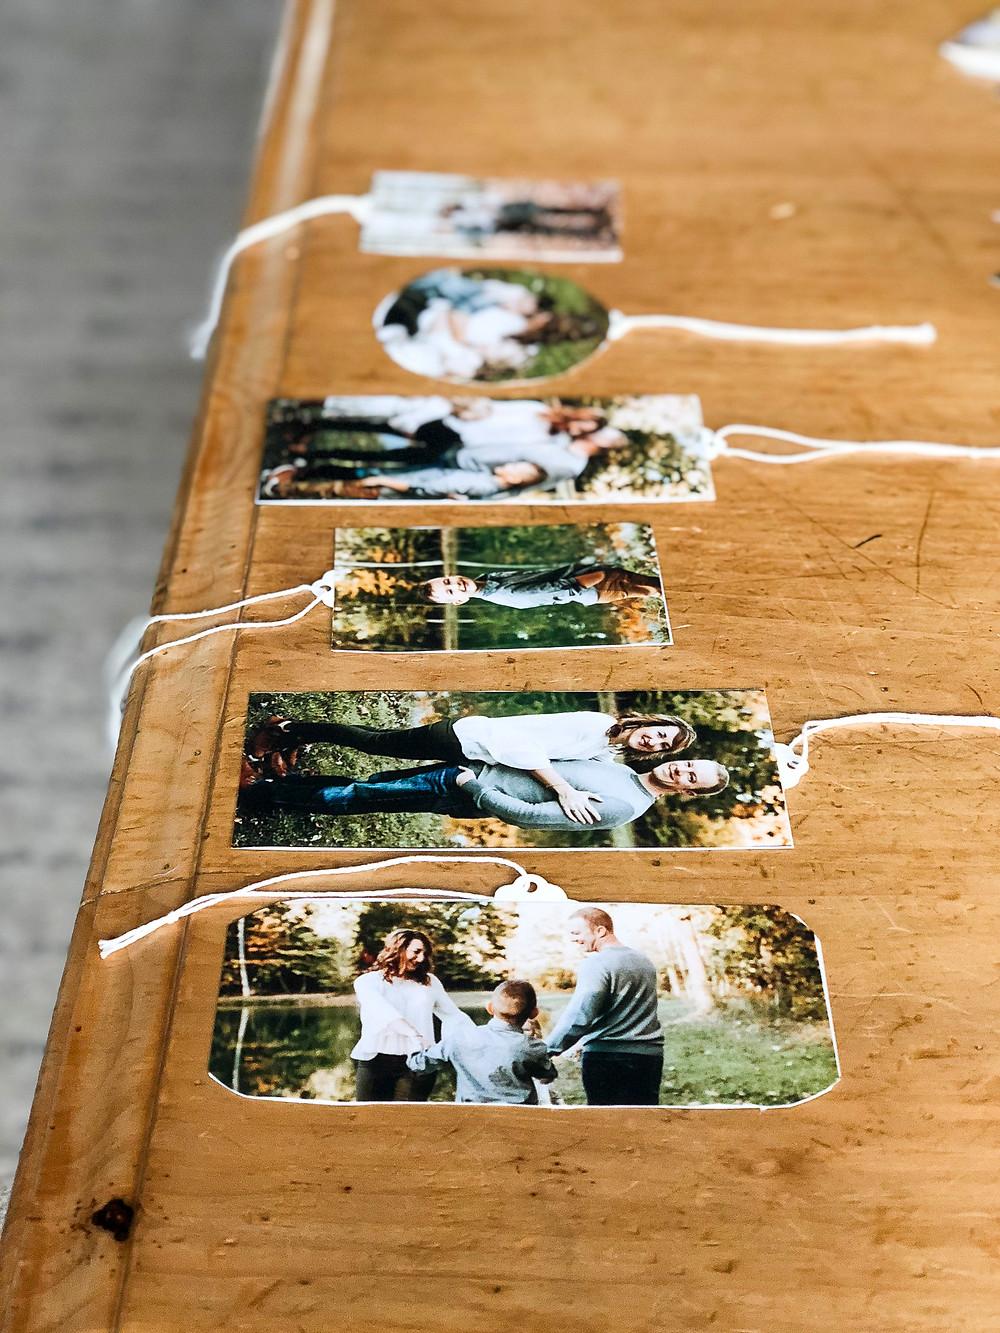 natal aracaju arvore decoracao foto fotos decorar inspiracao sergipe fotografia fotografa fotografo aju melhor ideias